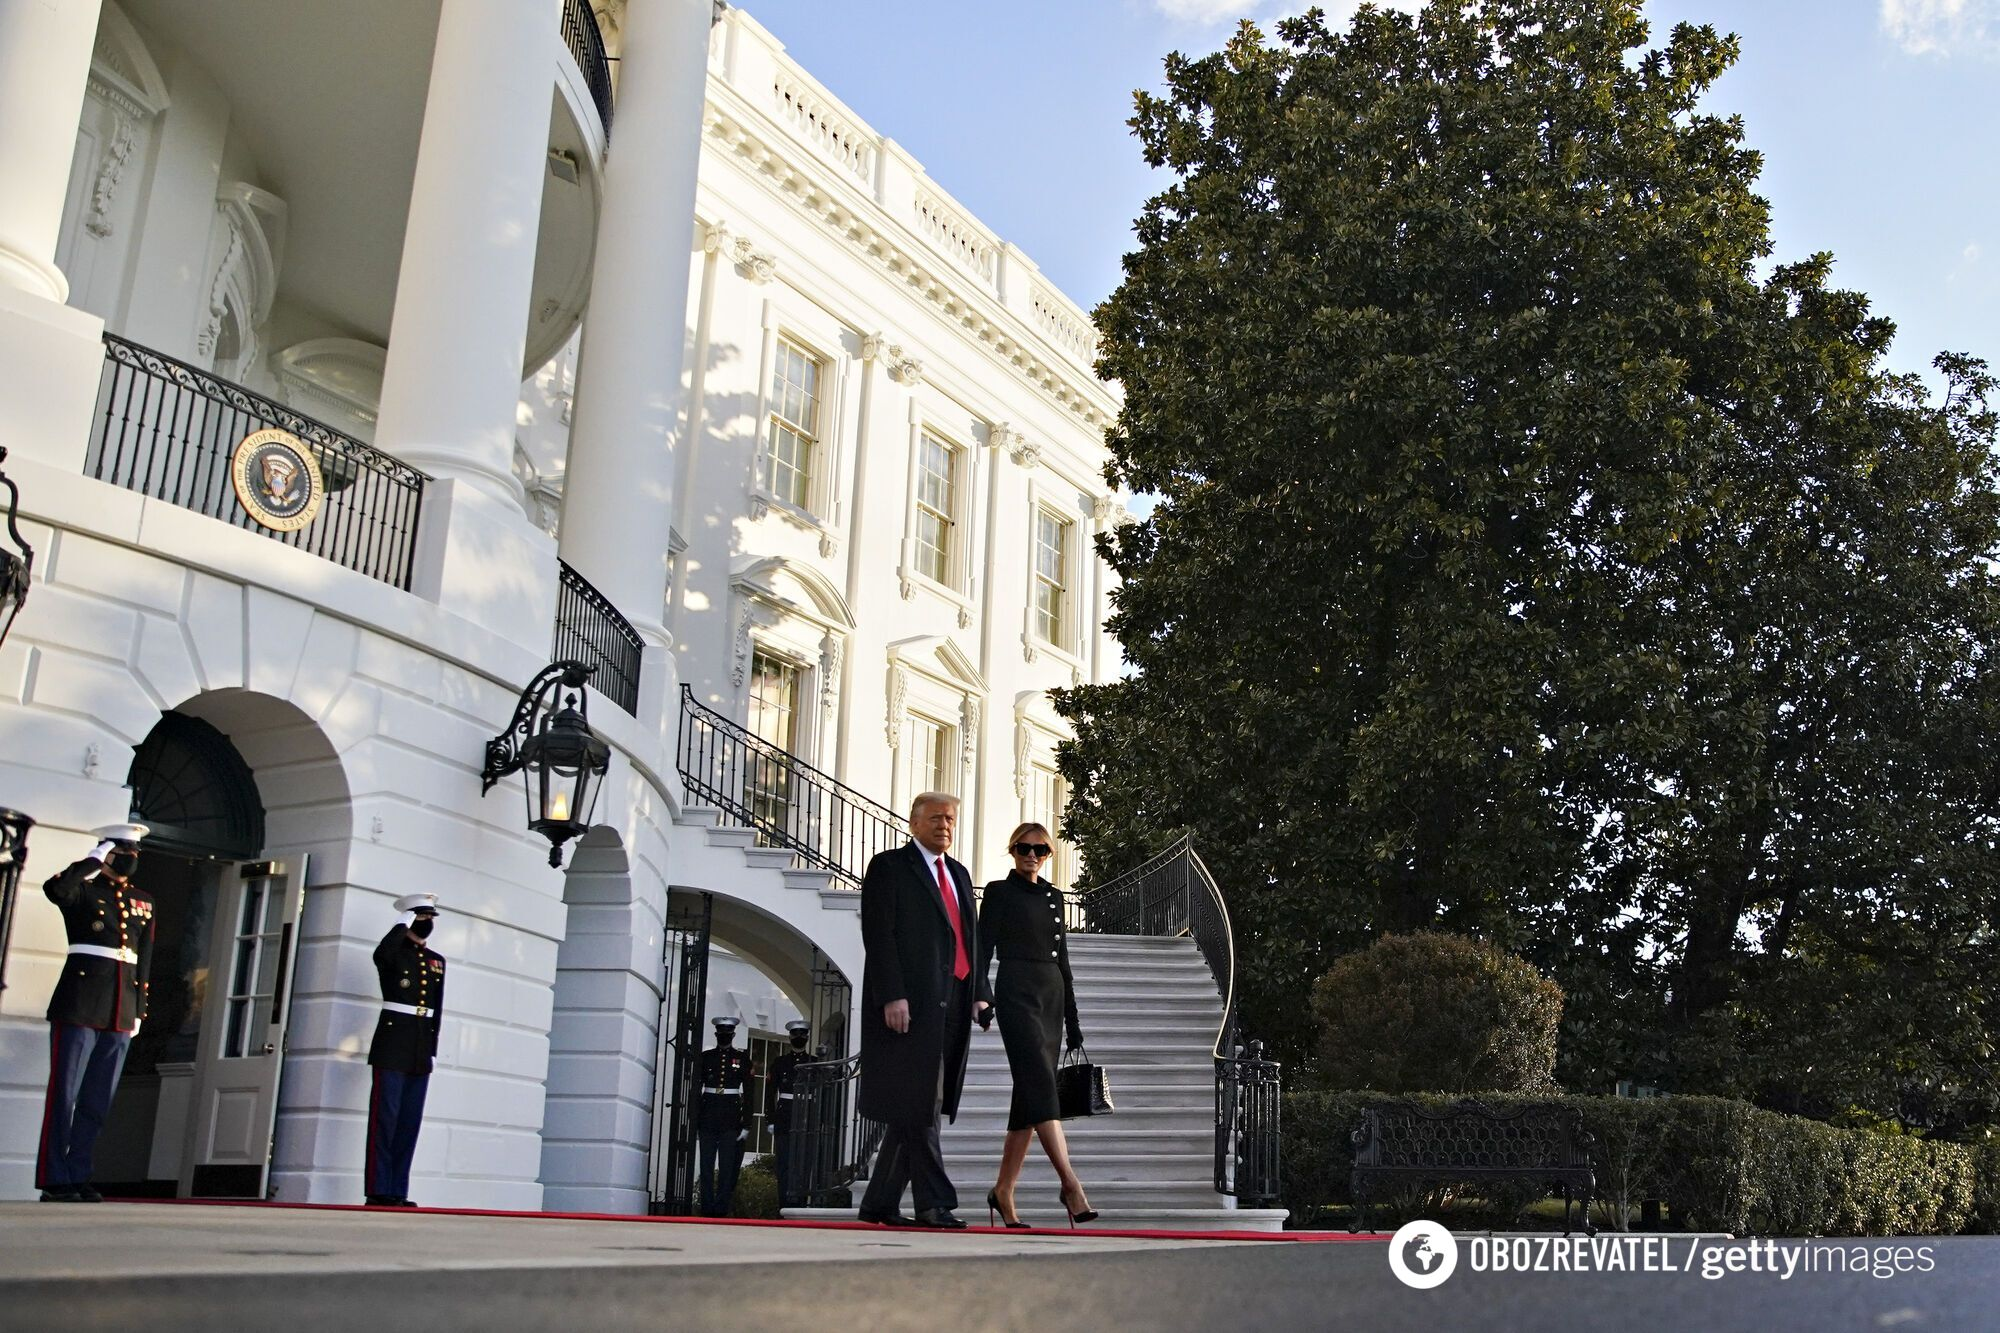 Дональд Трамп и Мелания покинули Белый дом